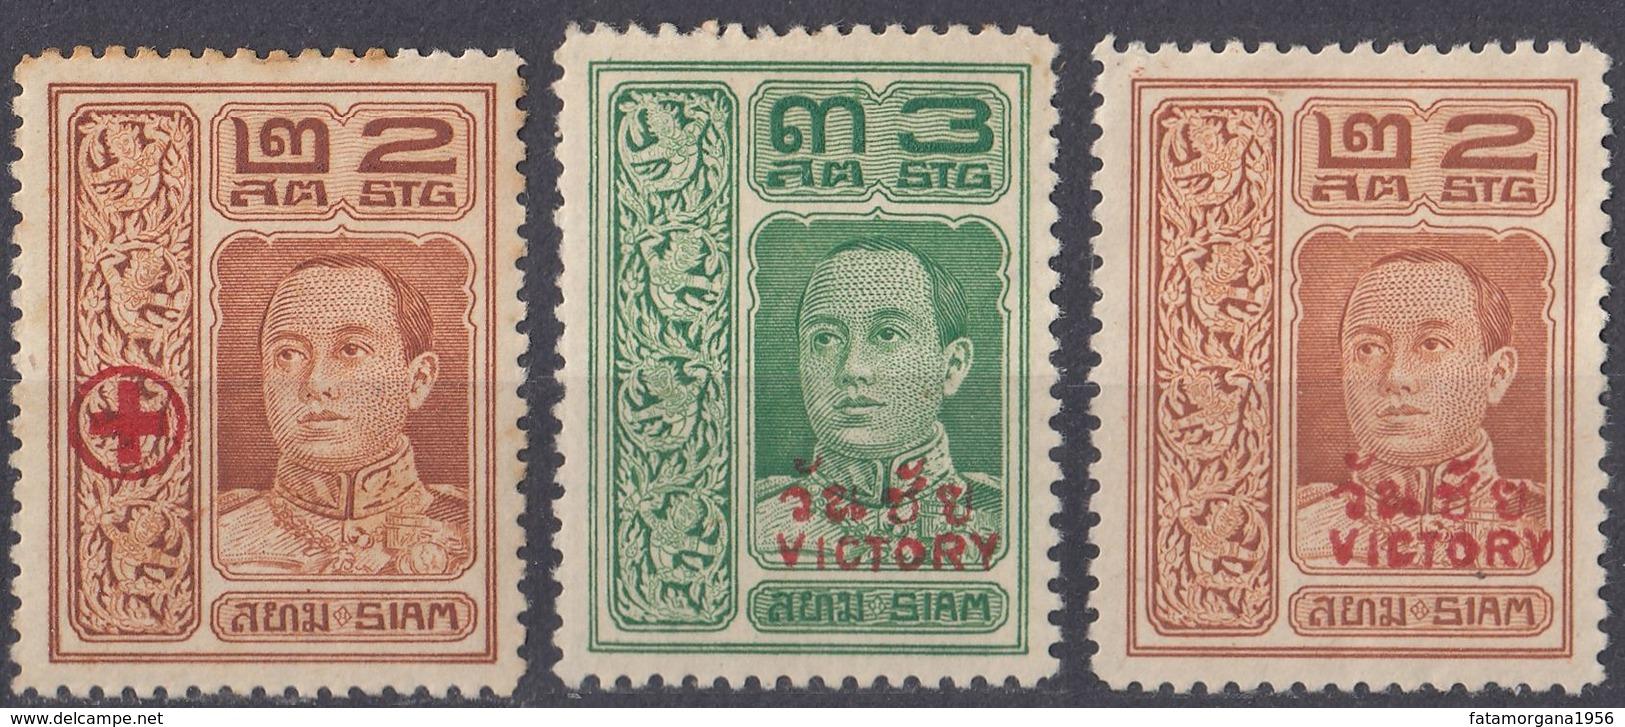 SIAM - 1918/1919 - Lotto Di 3 Valori Con Sovrastampe: Yvert 124 Nuovo MH, 135 Nuovo Senza Gomma E 136 Nuovo MH. - Siam